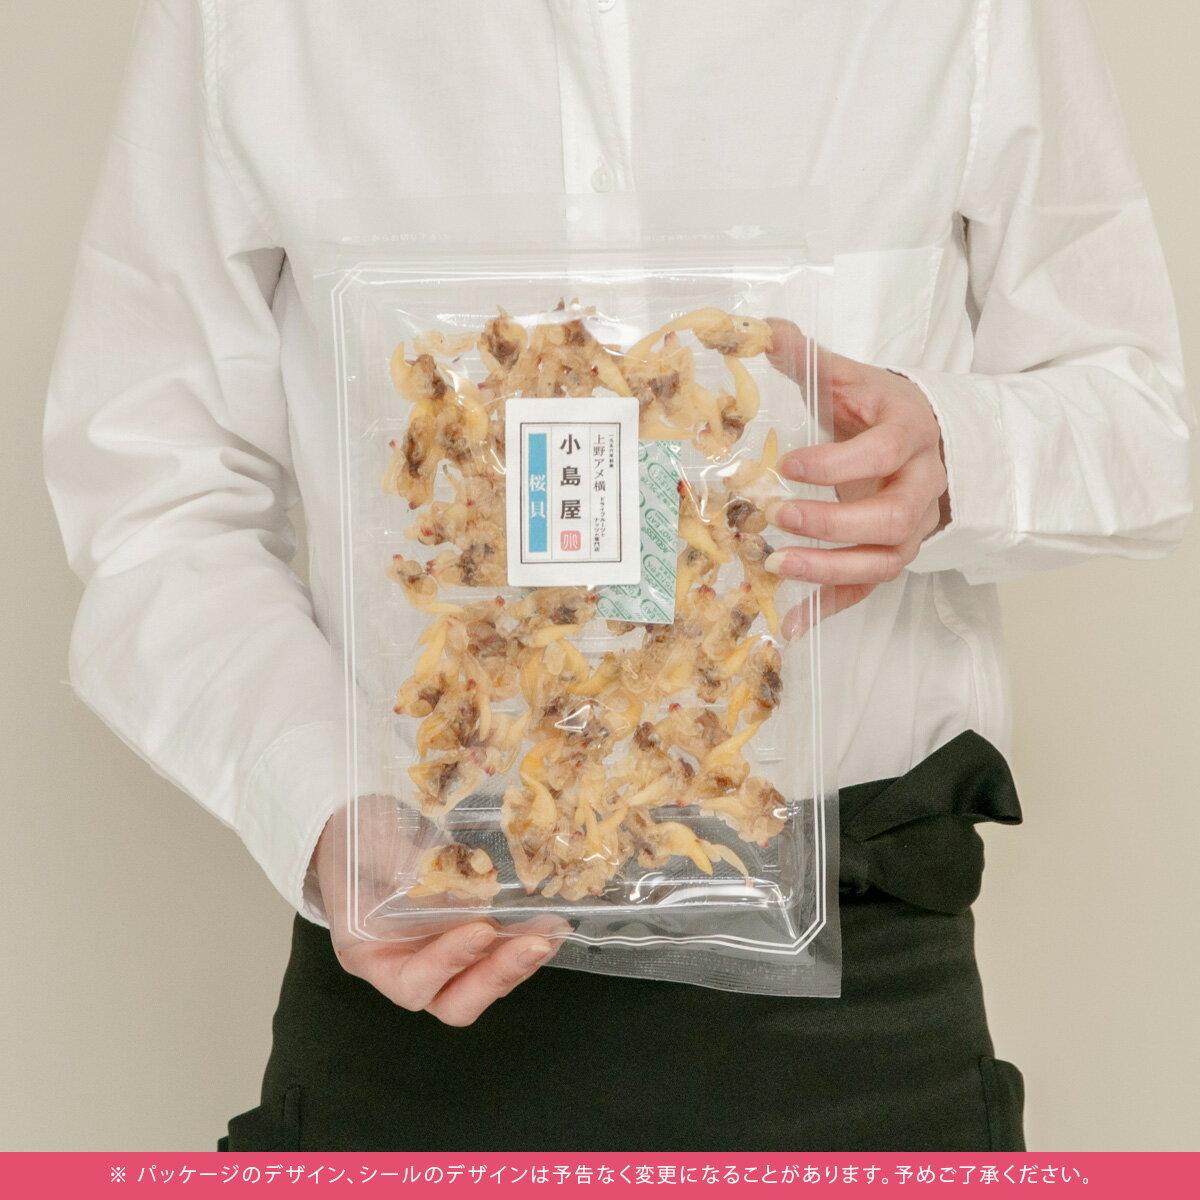 さくら貝 ★卸売り価格でご提供★ 桜貝 さくら貝 113g おつまみ 珍味